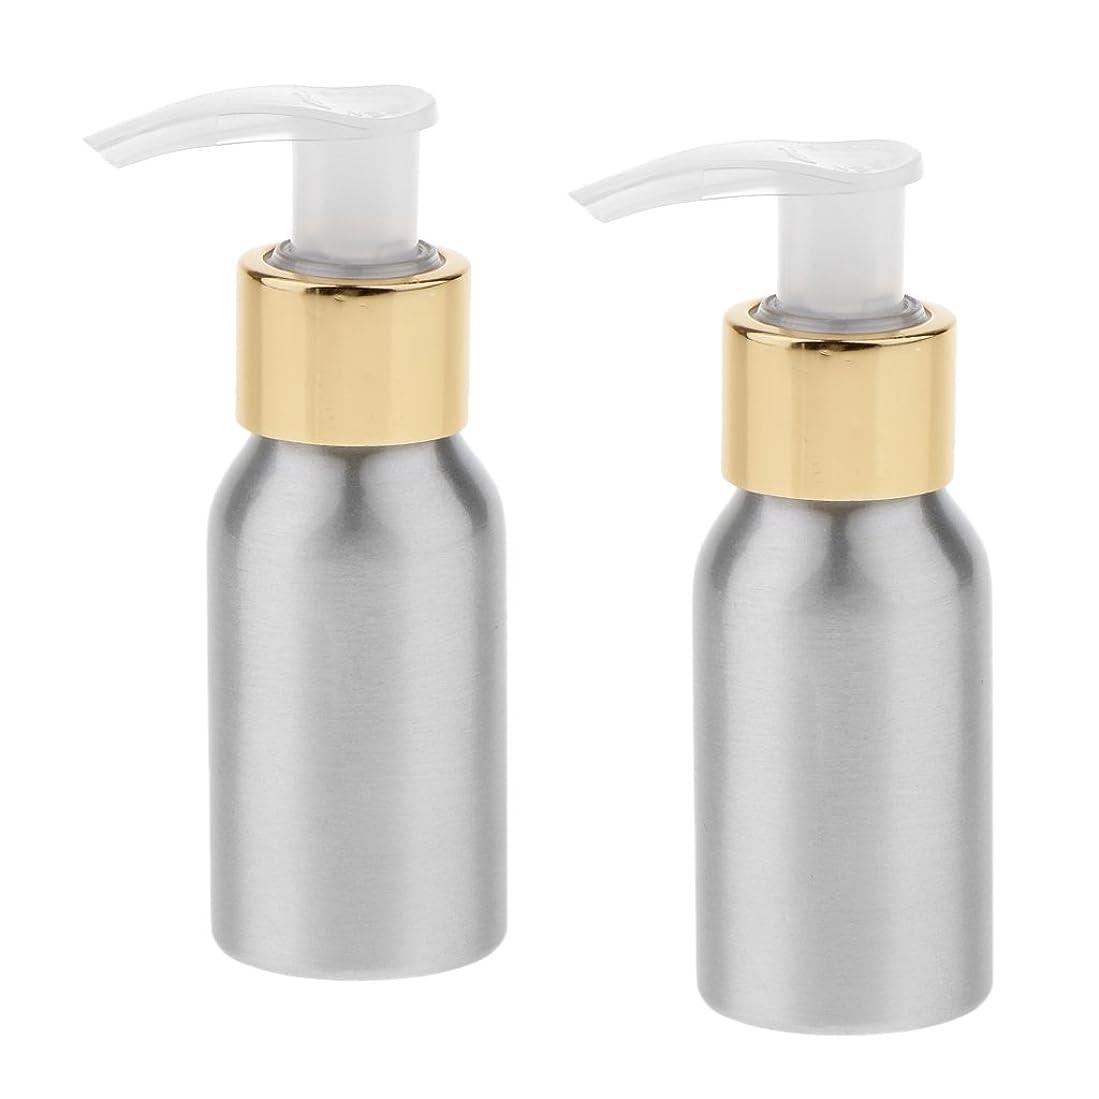 襲撃ドロー書店Kesoto 2本 スプレーボトル 空ボトル アルミボトル スプレー ポンプボトル 香水ボトル シャンプー 噴霧器 アトマイザー 6サイズ選択 - 50ml